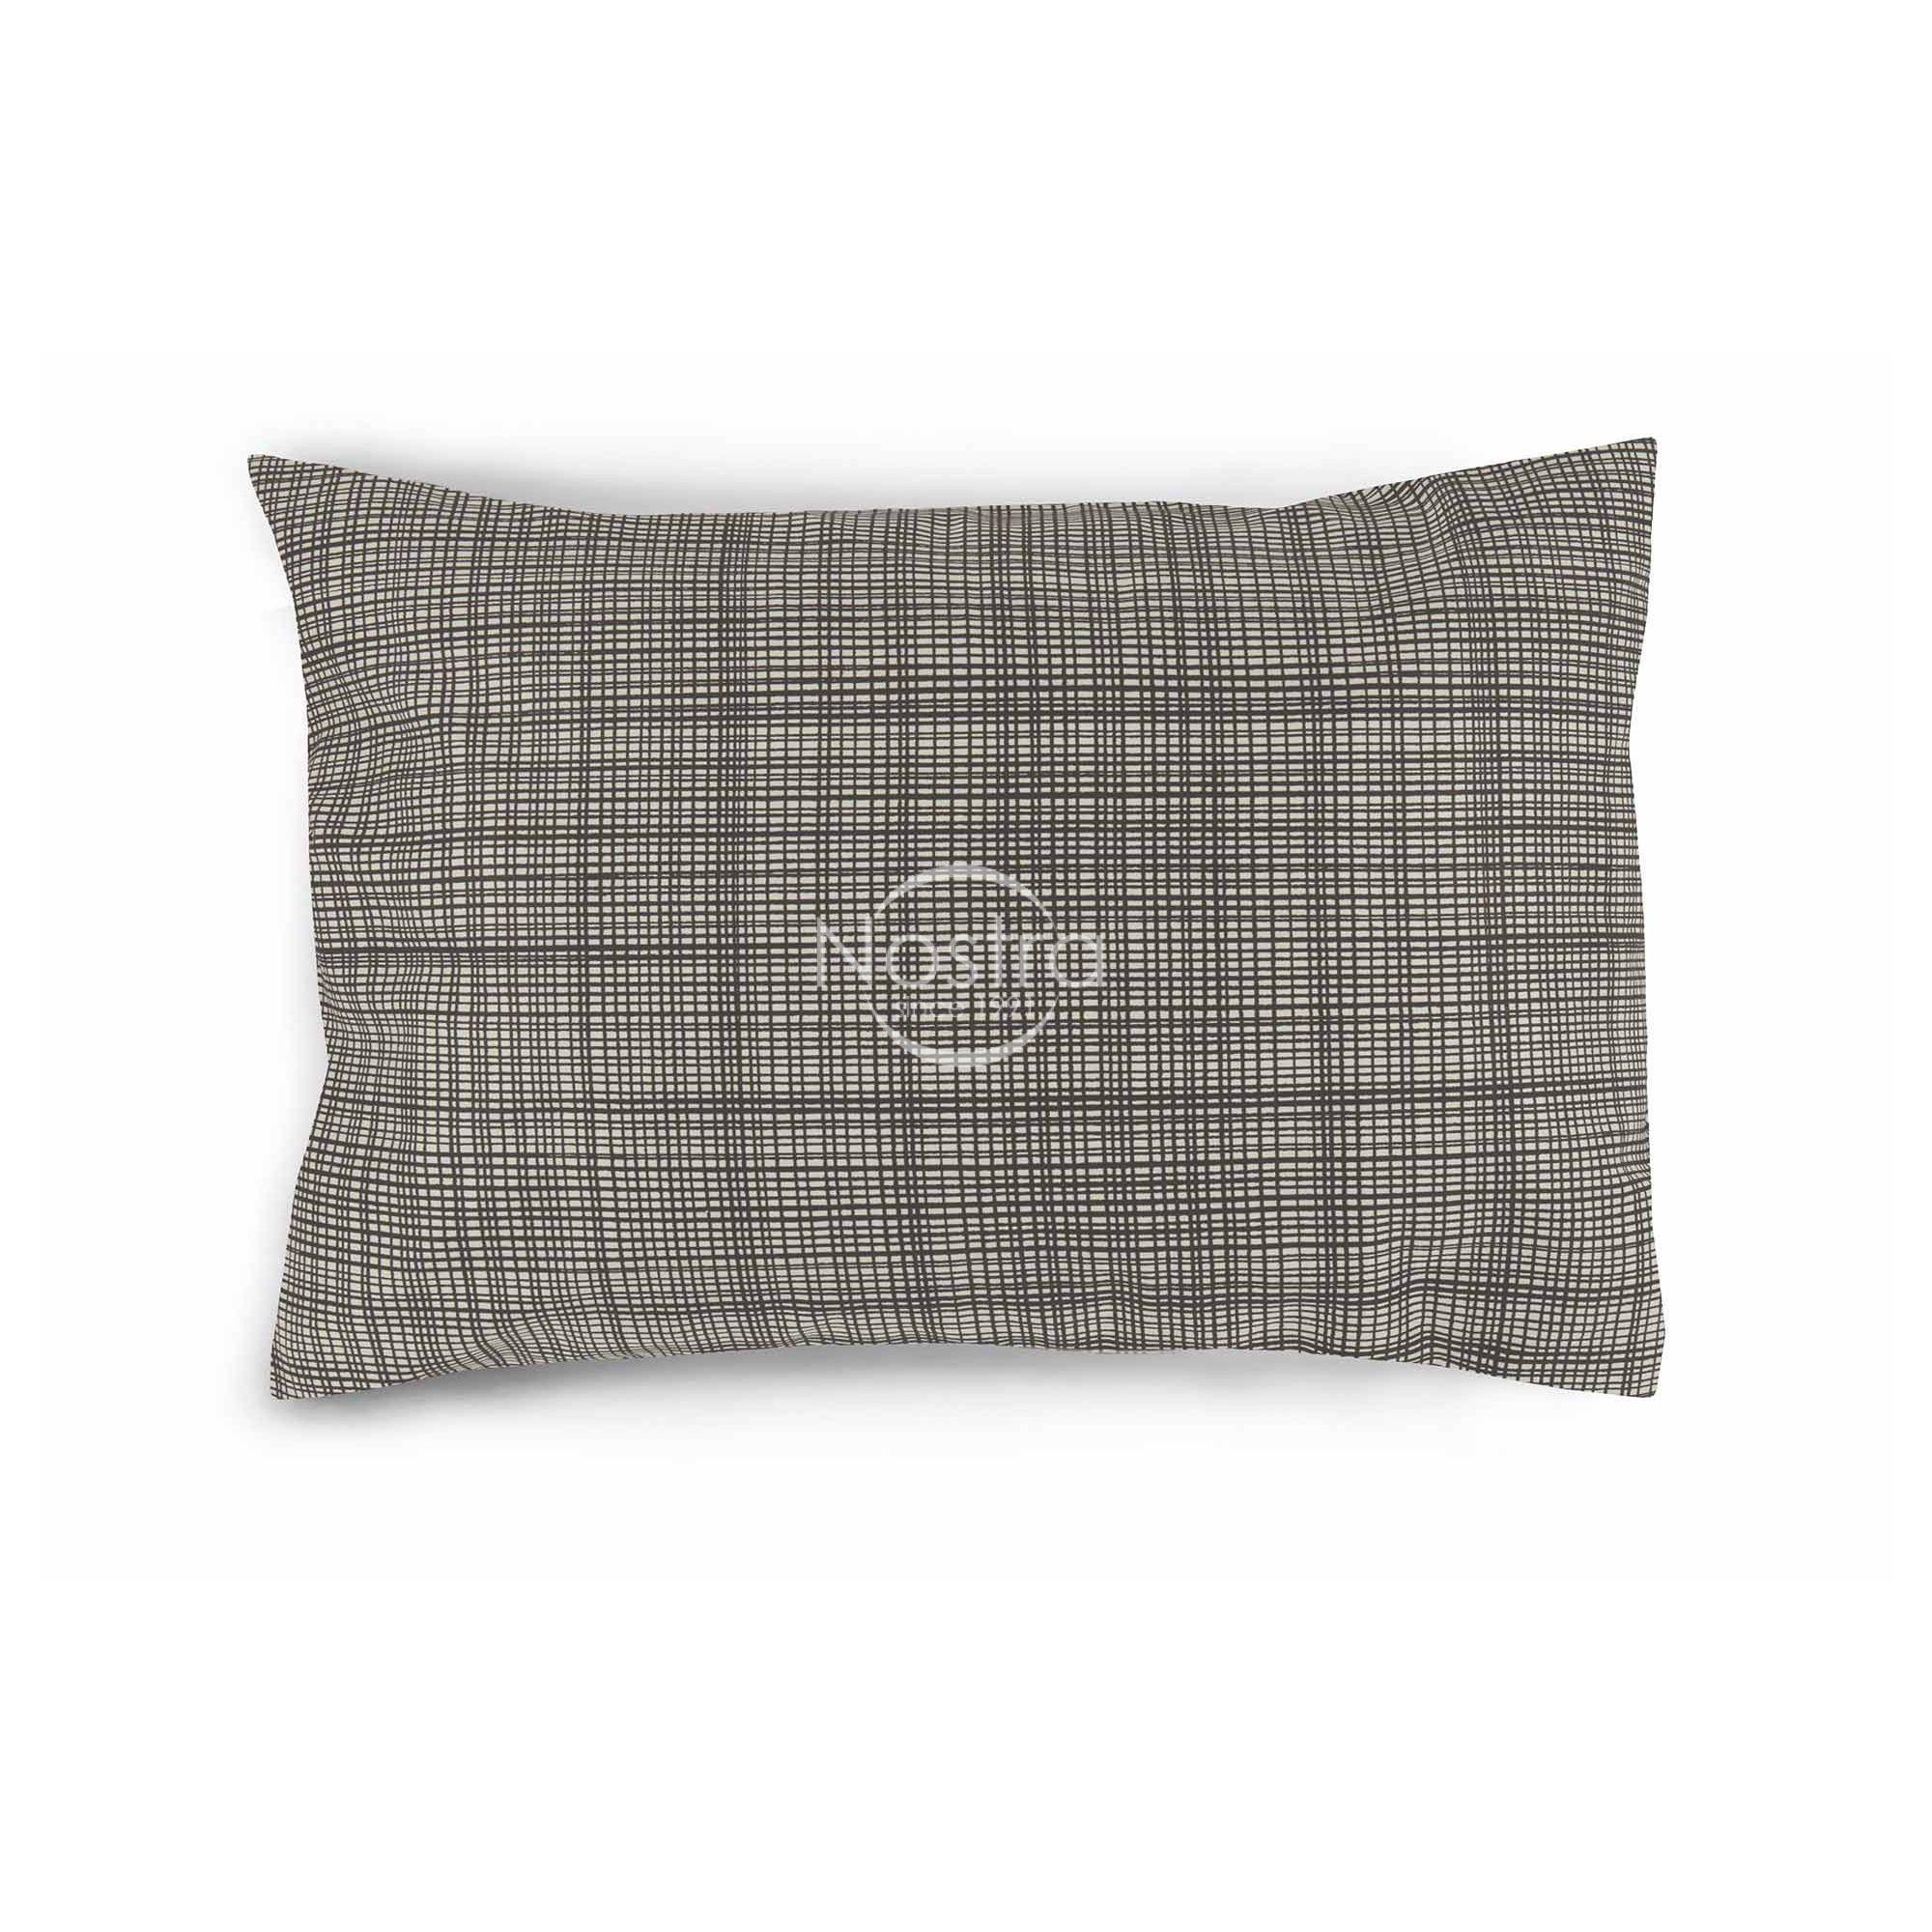 Satino pagalvės užvalkalas 30-0485-EXC.GREY 50x70 cm